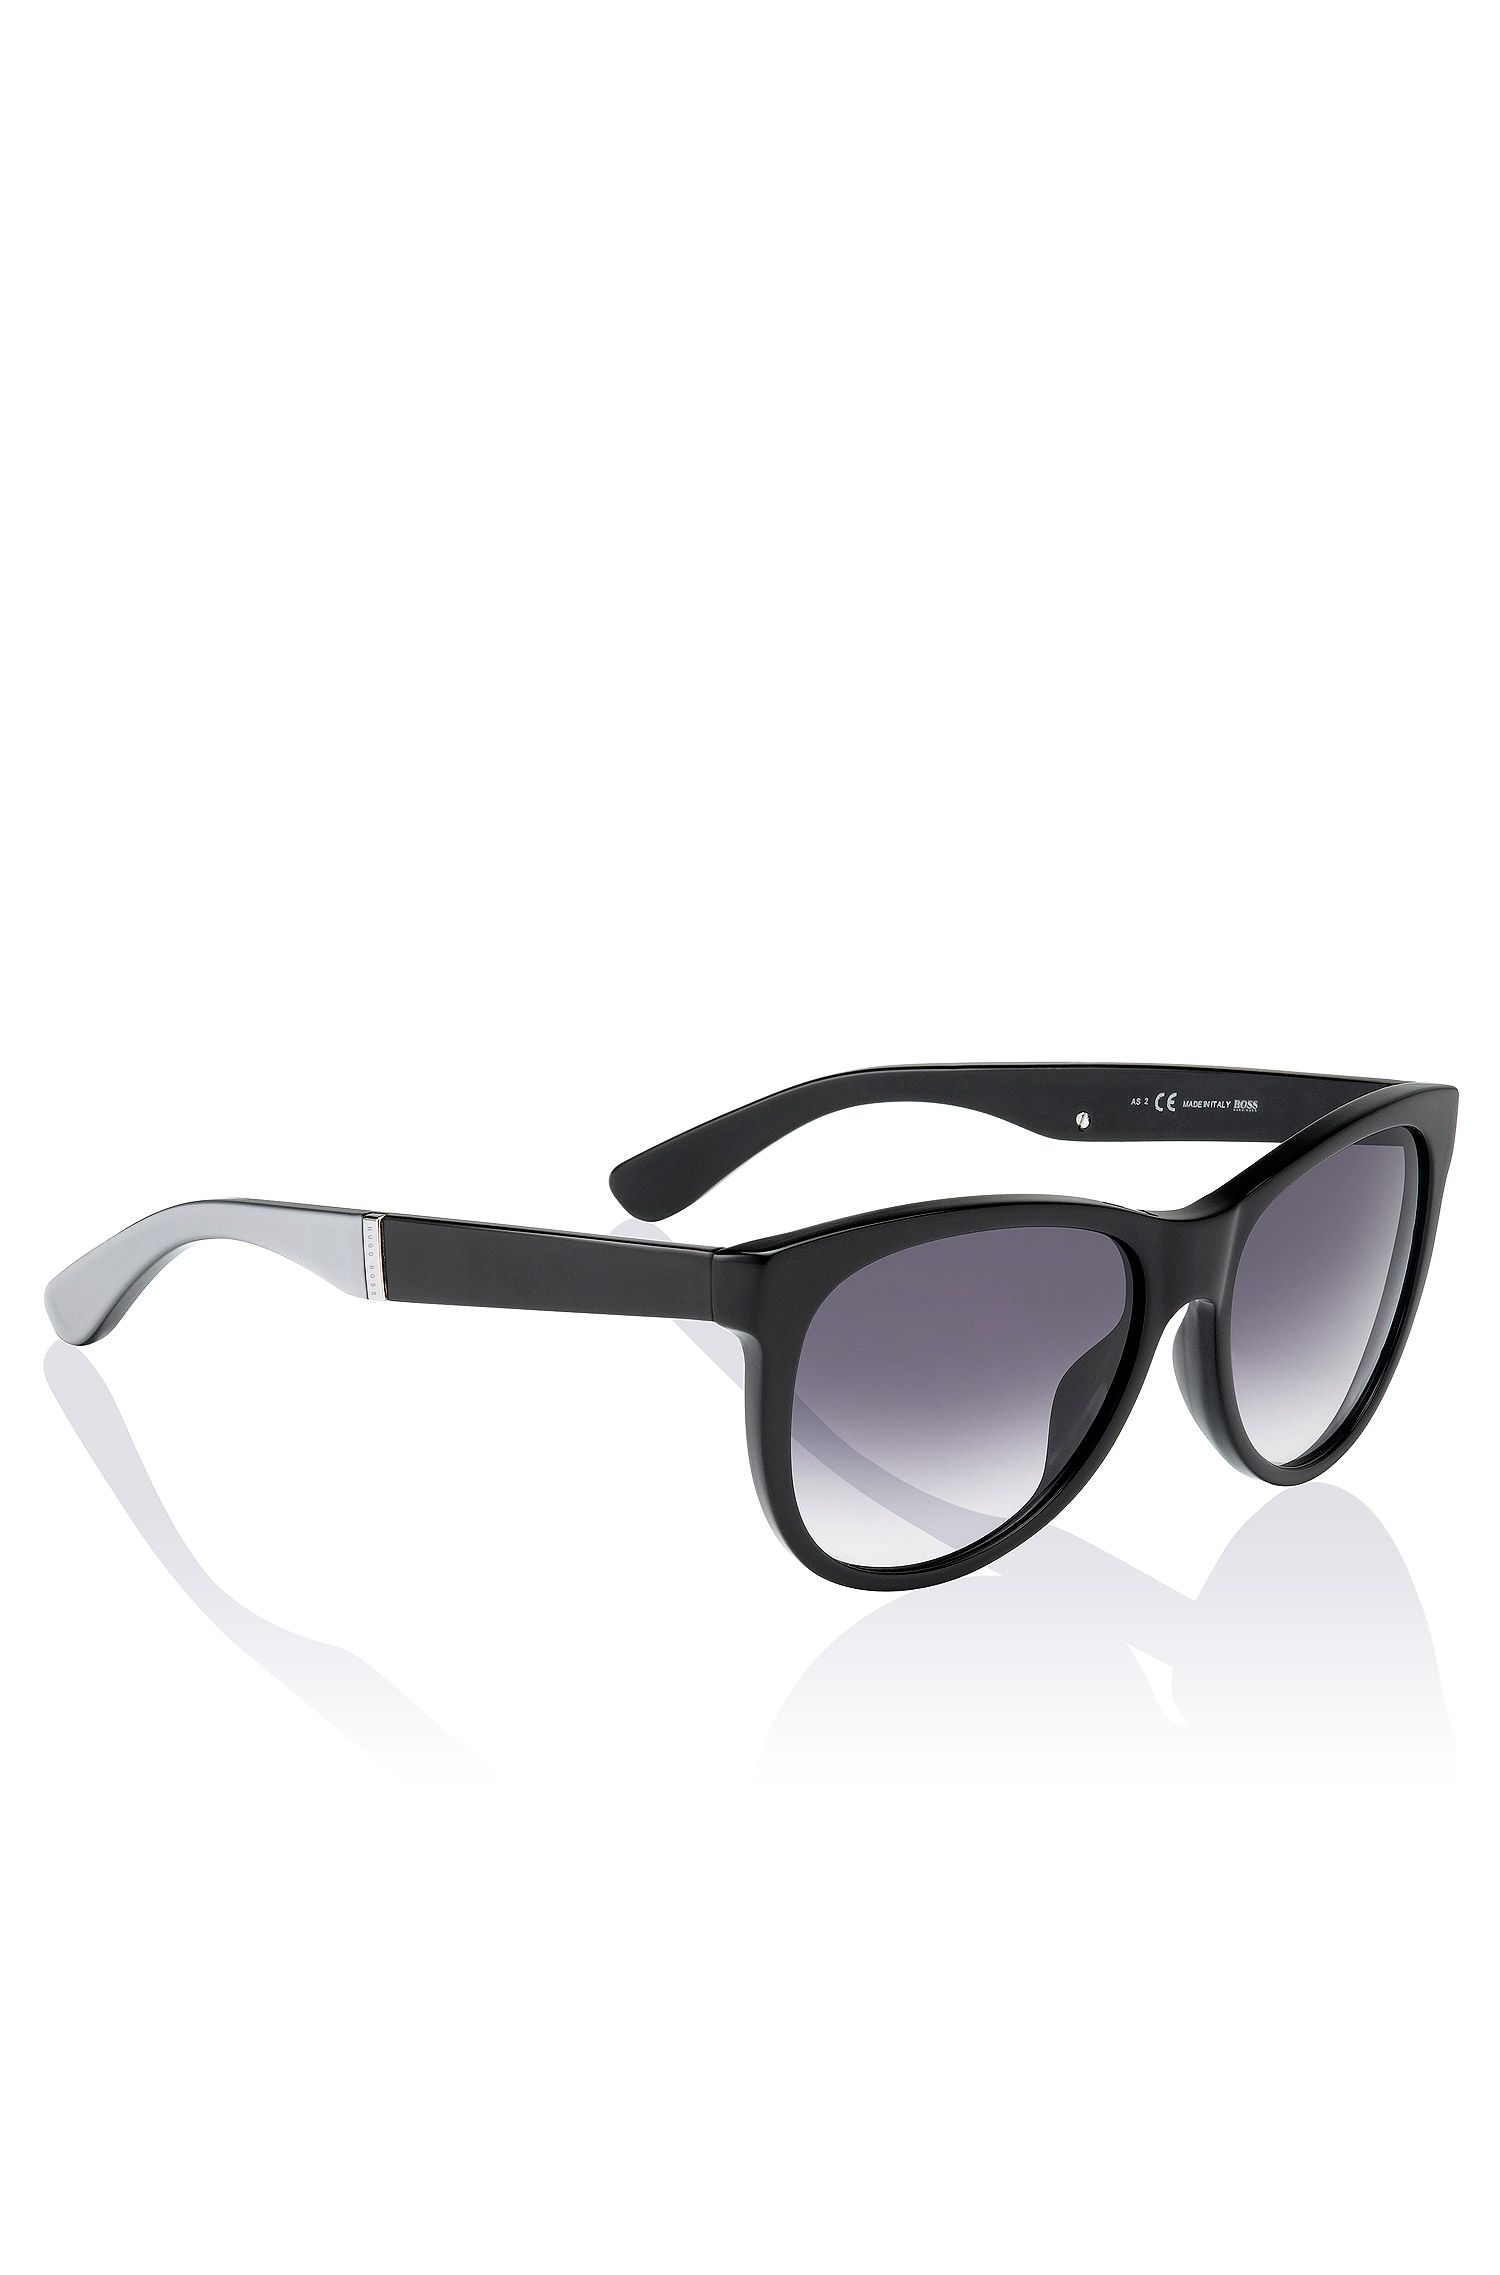 Sonnenbrille ´BOSS 0570/S` aus Acetat